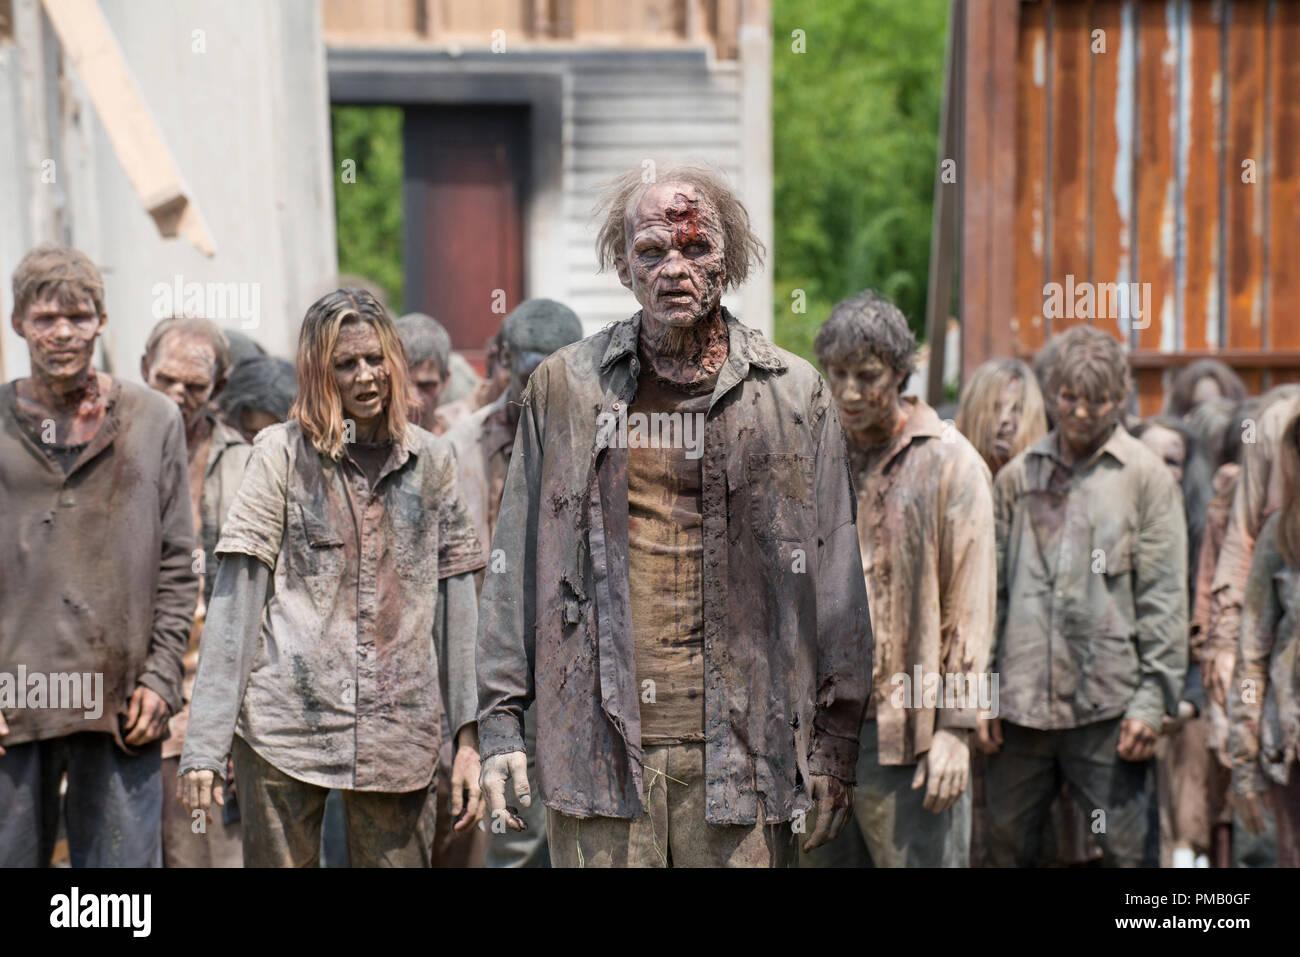 Walker The Walking Dead Staffel 6 Episode 8 Photo Credit Gene